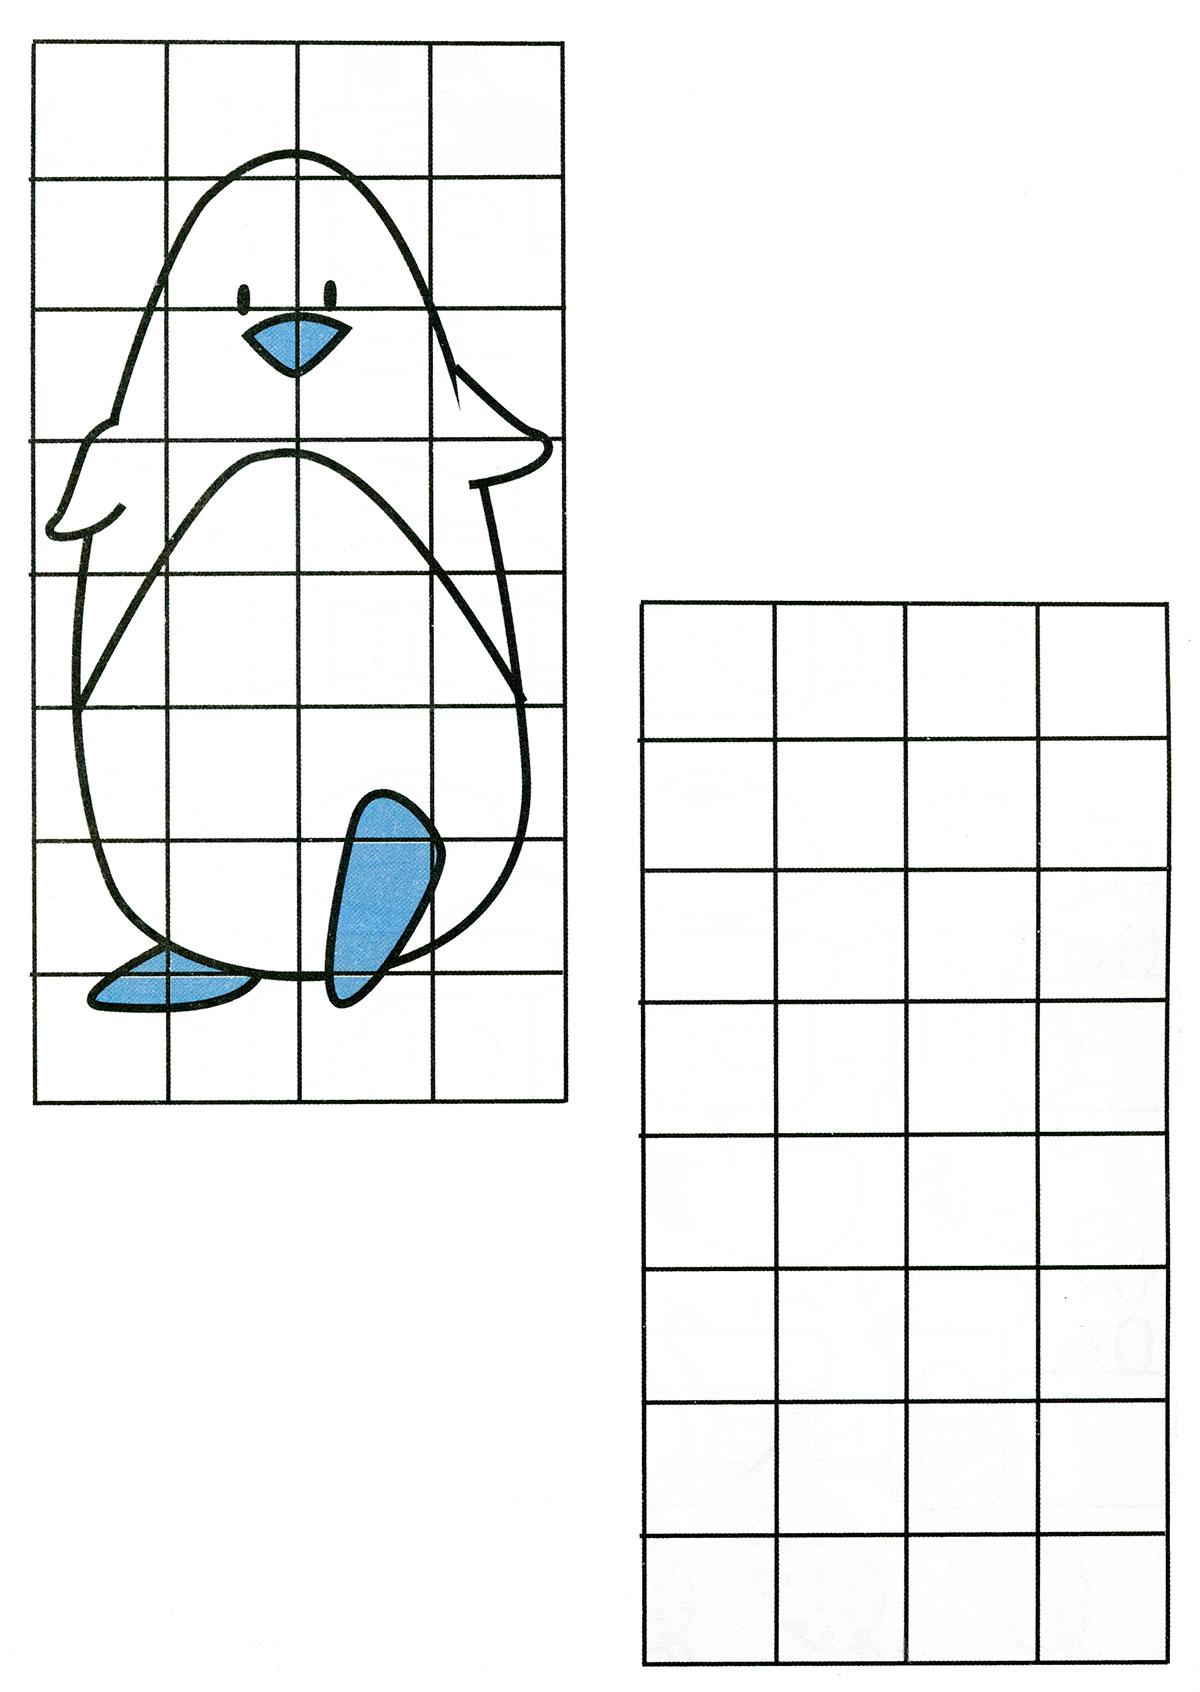 Рисовать по клеточкам в тетради картинки для девочек - 3c2e6